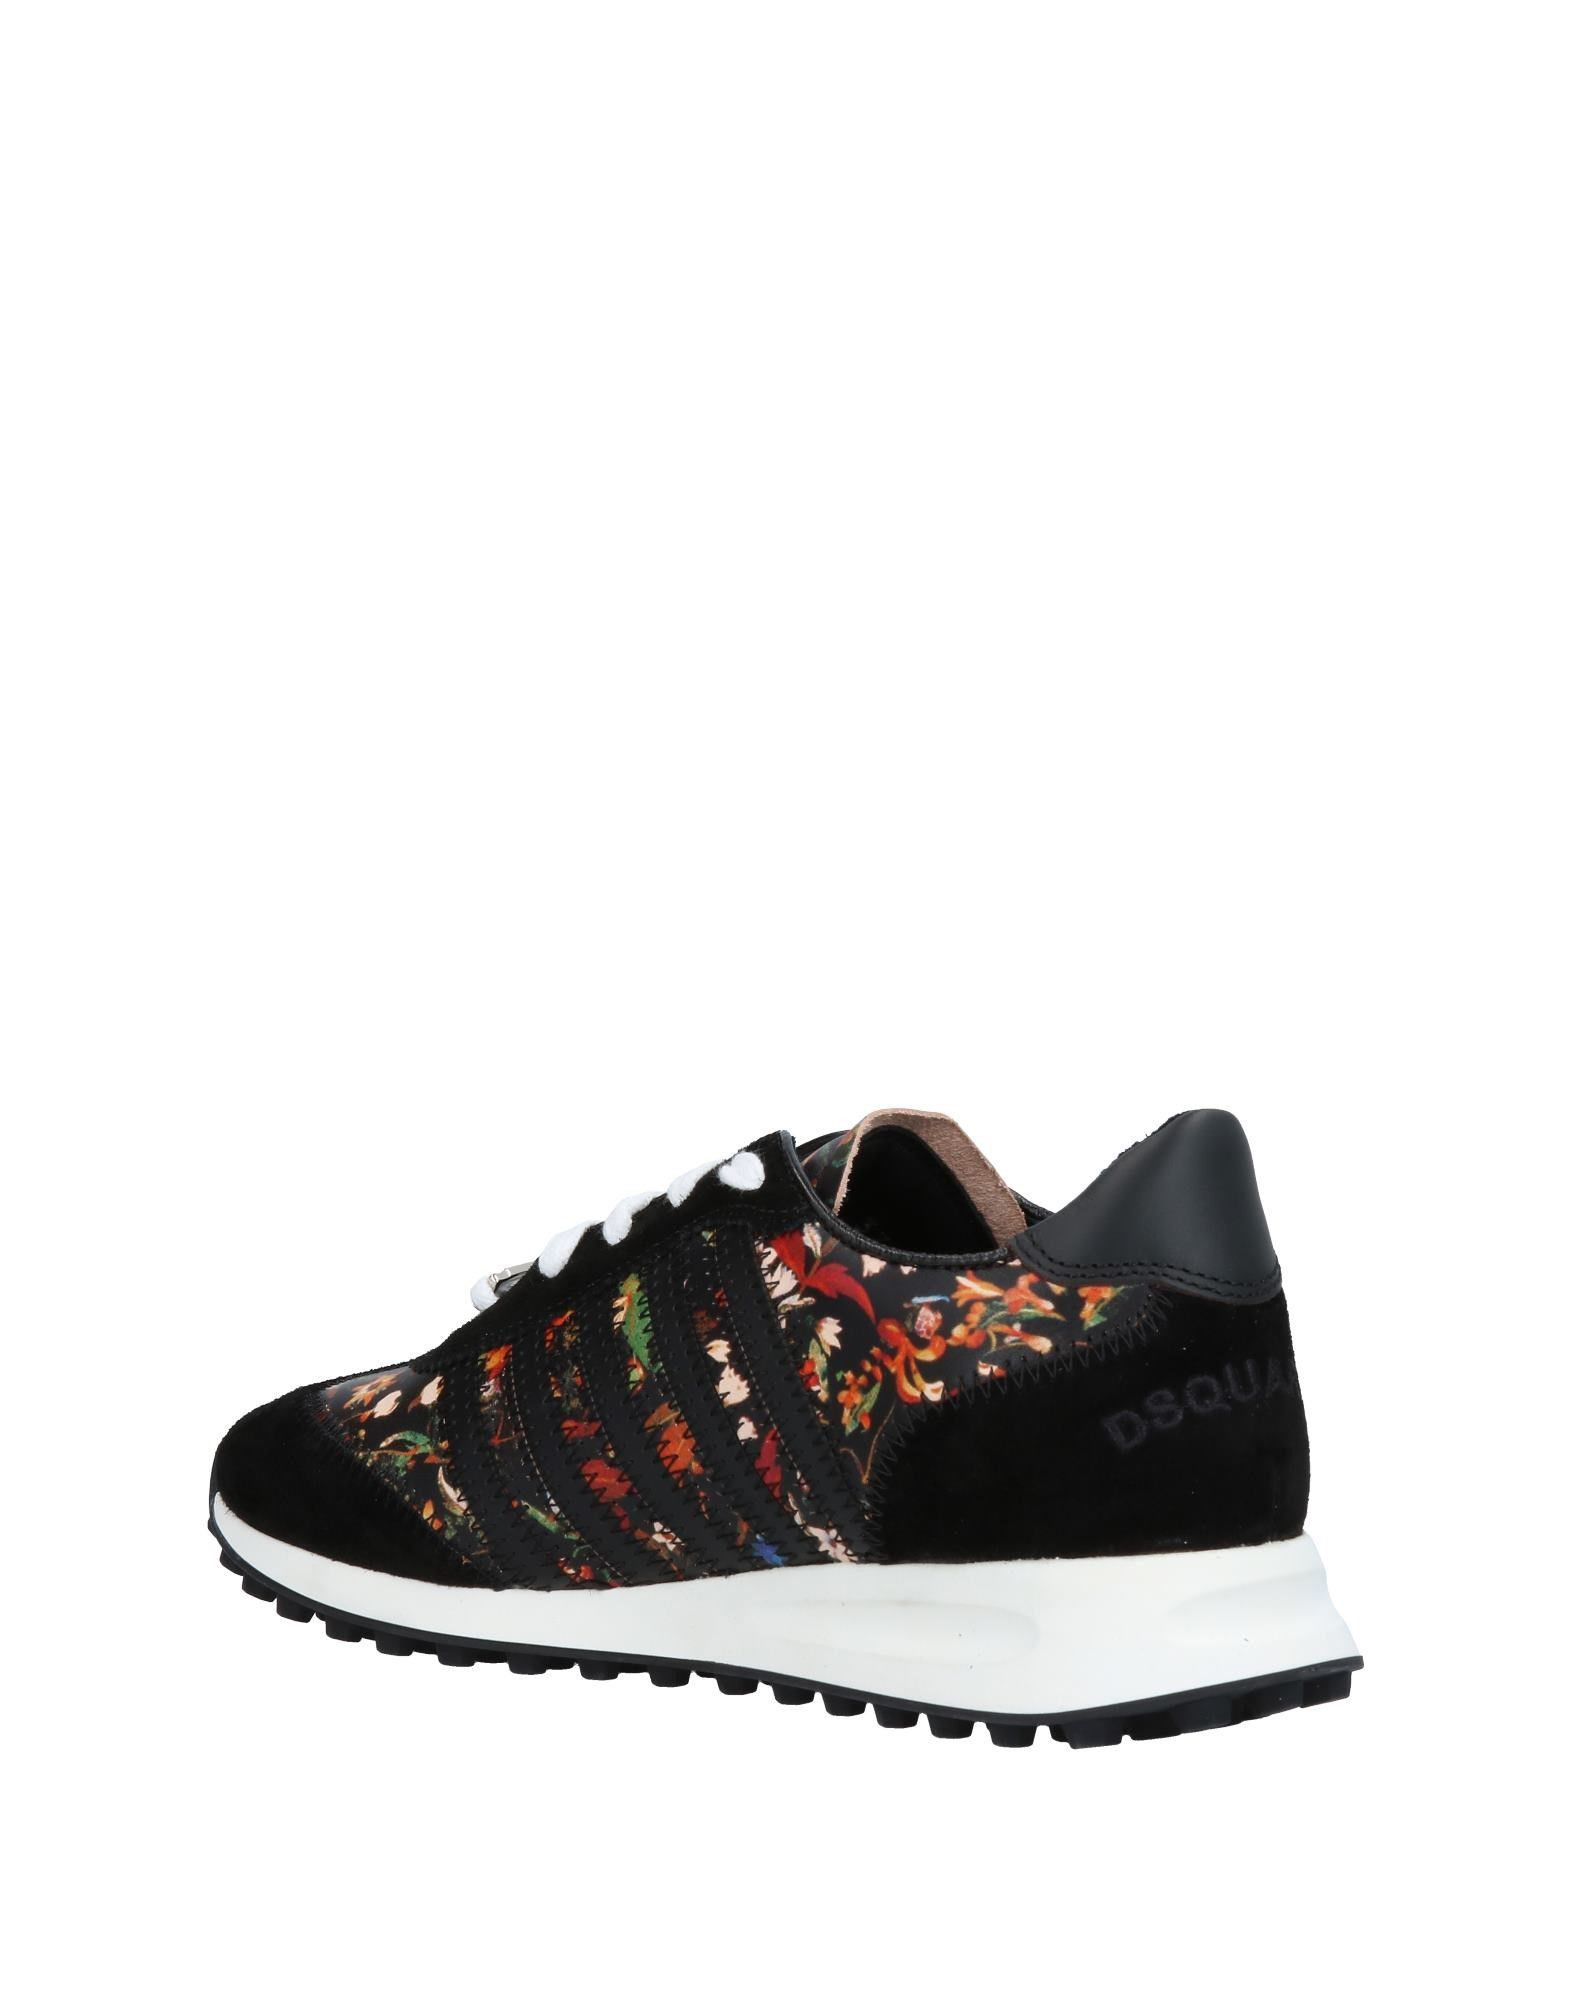 Rabatt Schuhe 11409421HX Dsquared2 Sneakers Damen  11409421HX Schuhe 781c0f